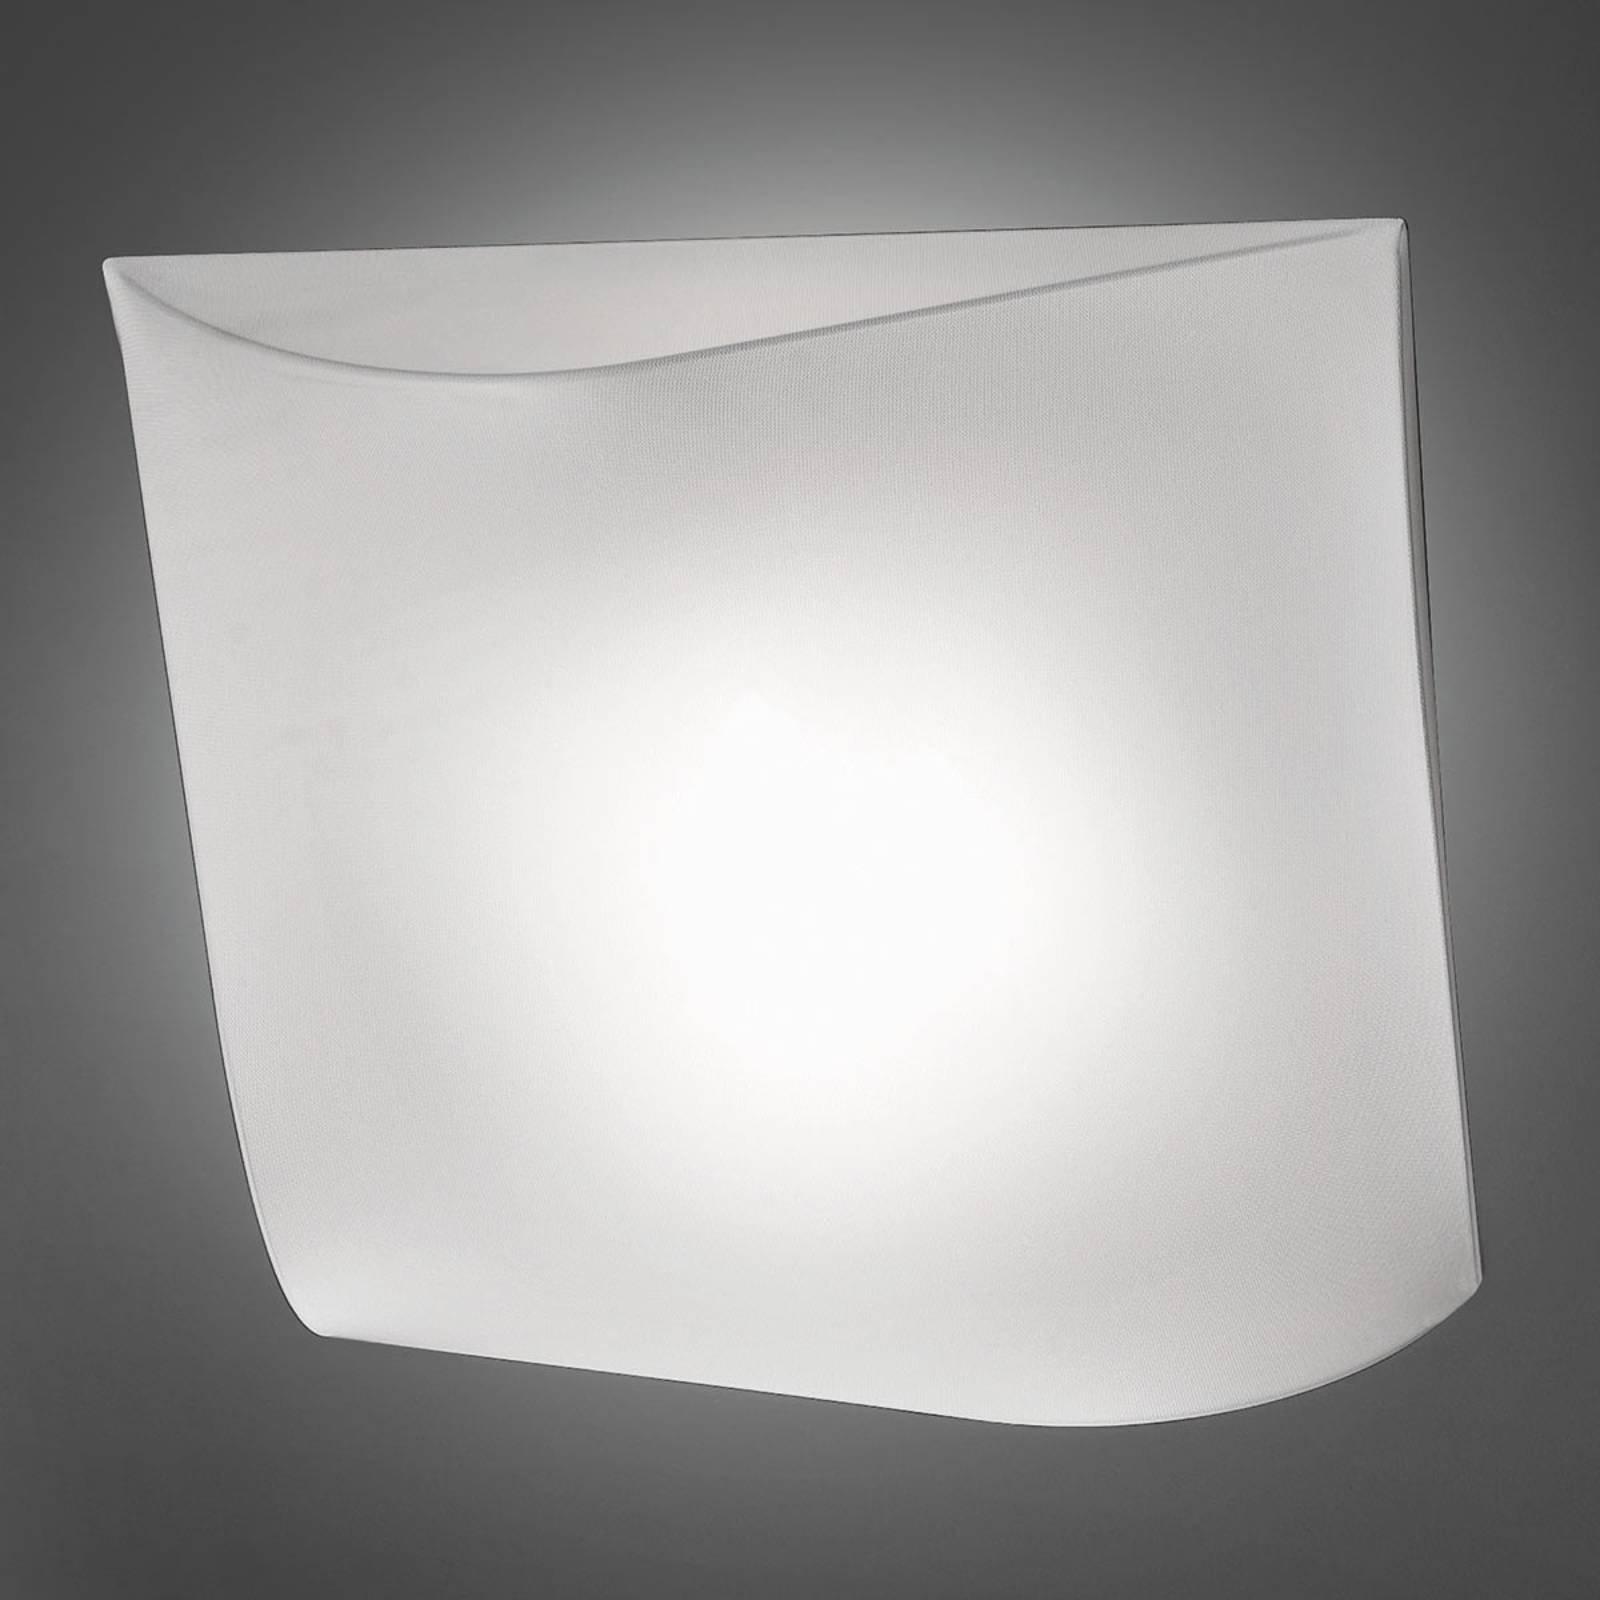 Axolight Stormy tekstil-taklampe hvit 100 cm